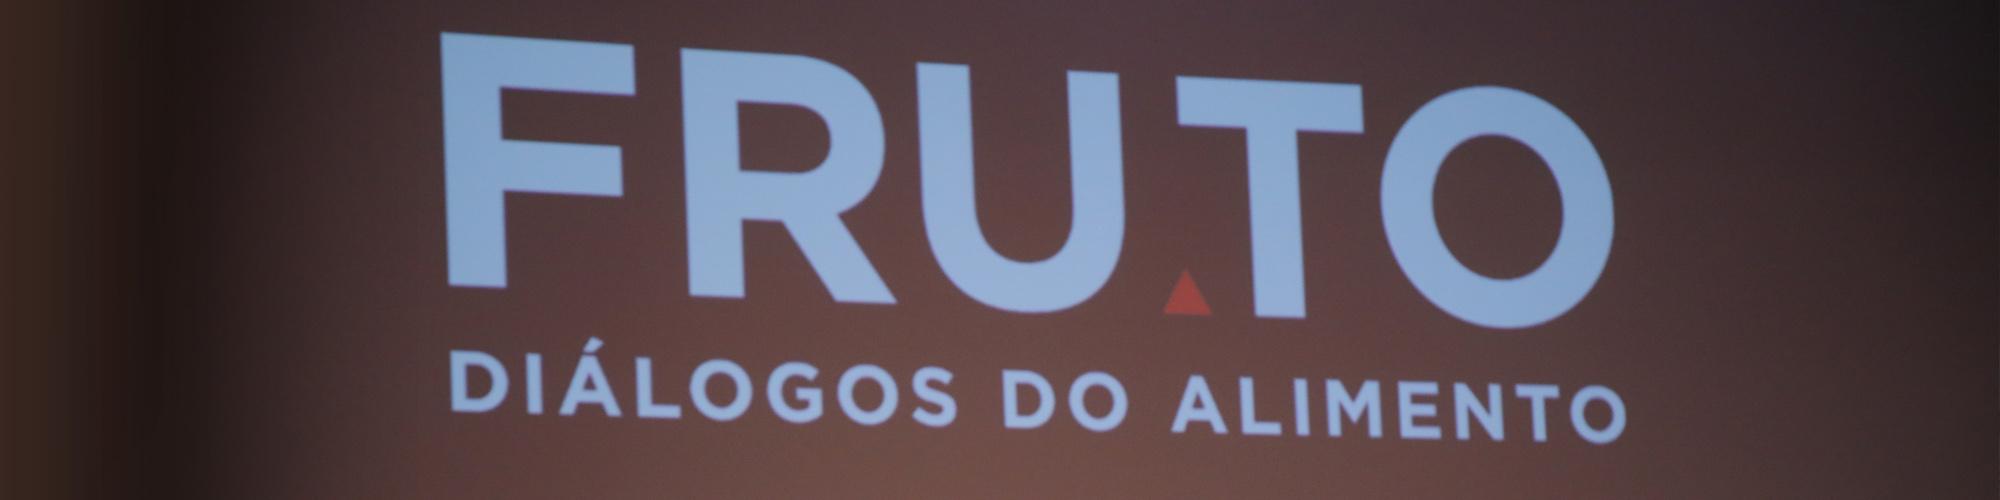 Promovido por Alex Atala, seminário FRUTO ensina a alimentar bem o planeta e tem transmissão ao vivo.